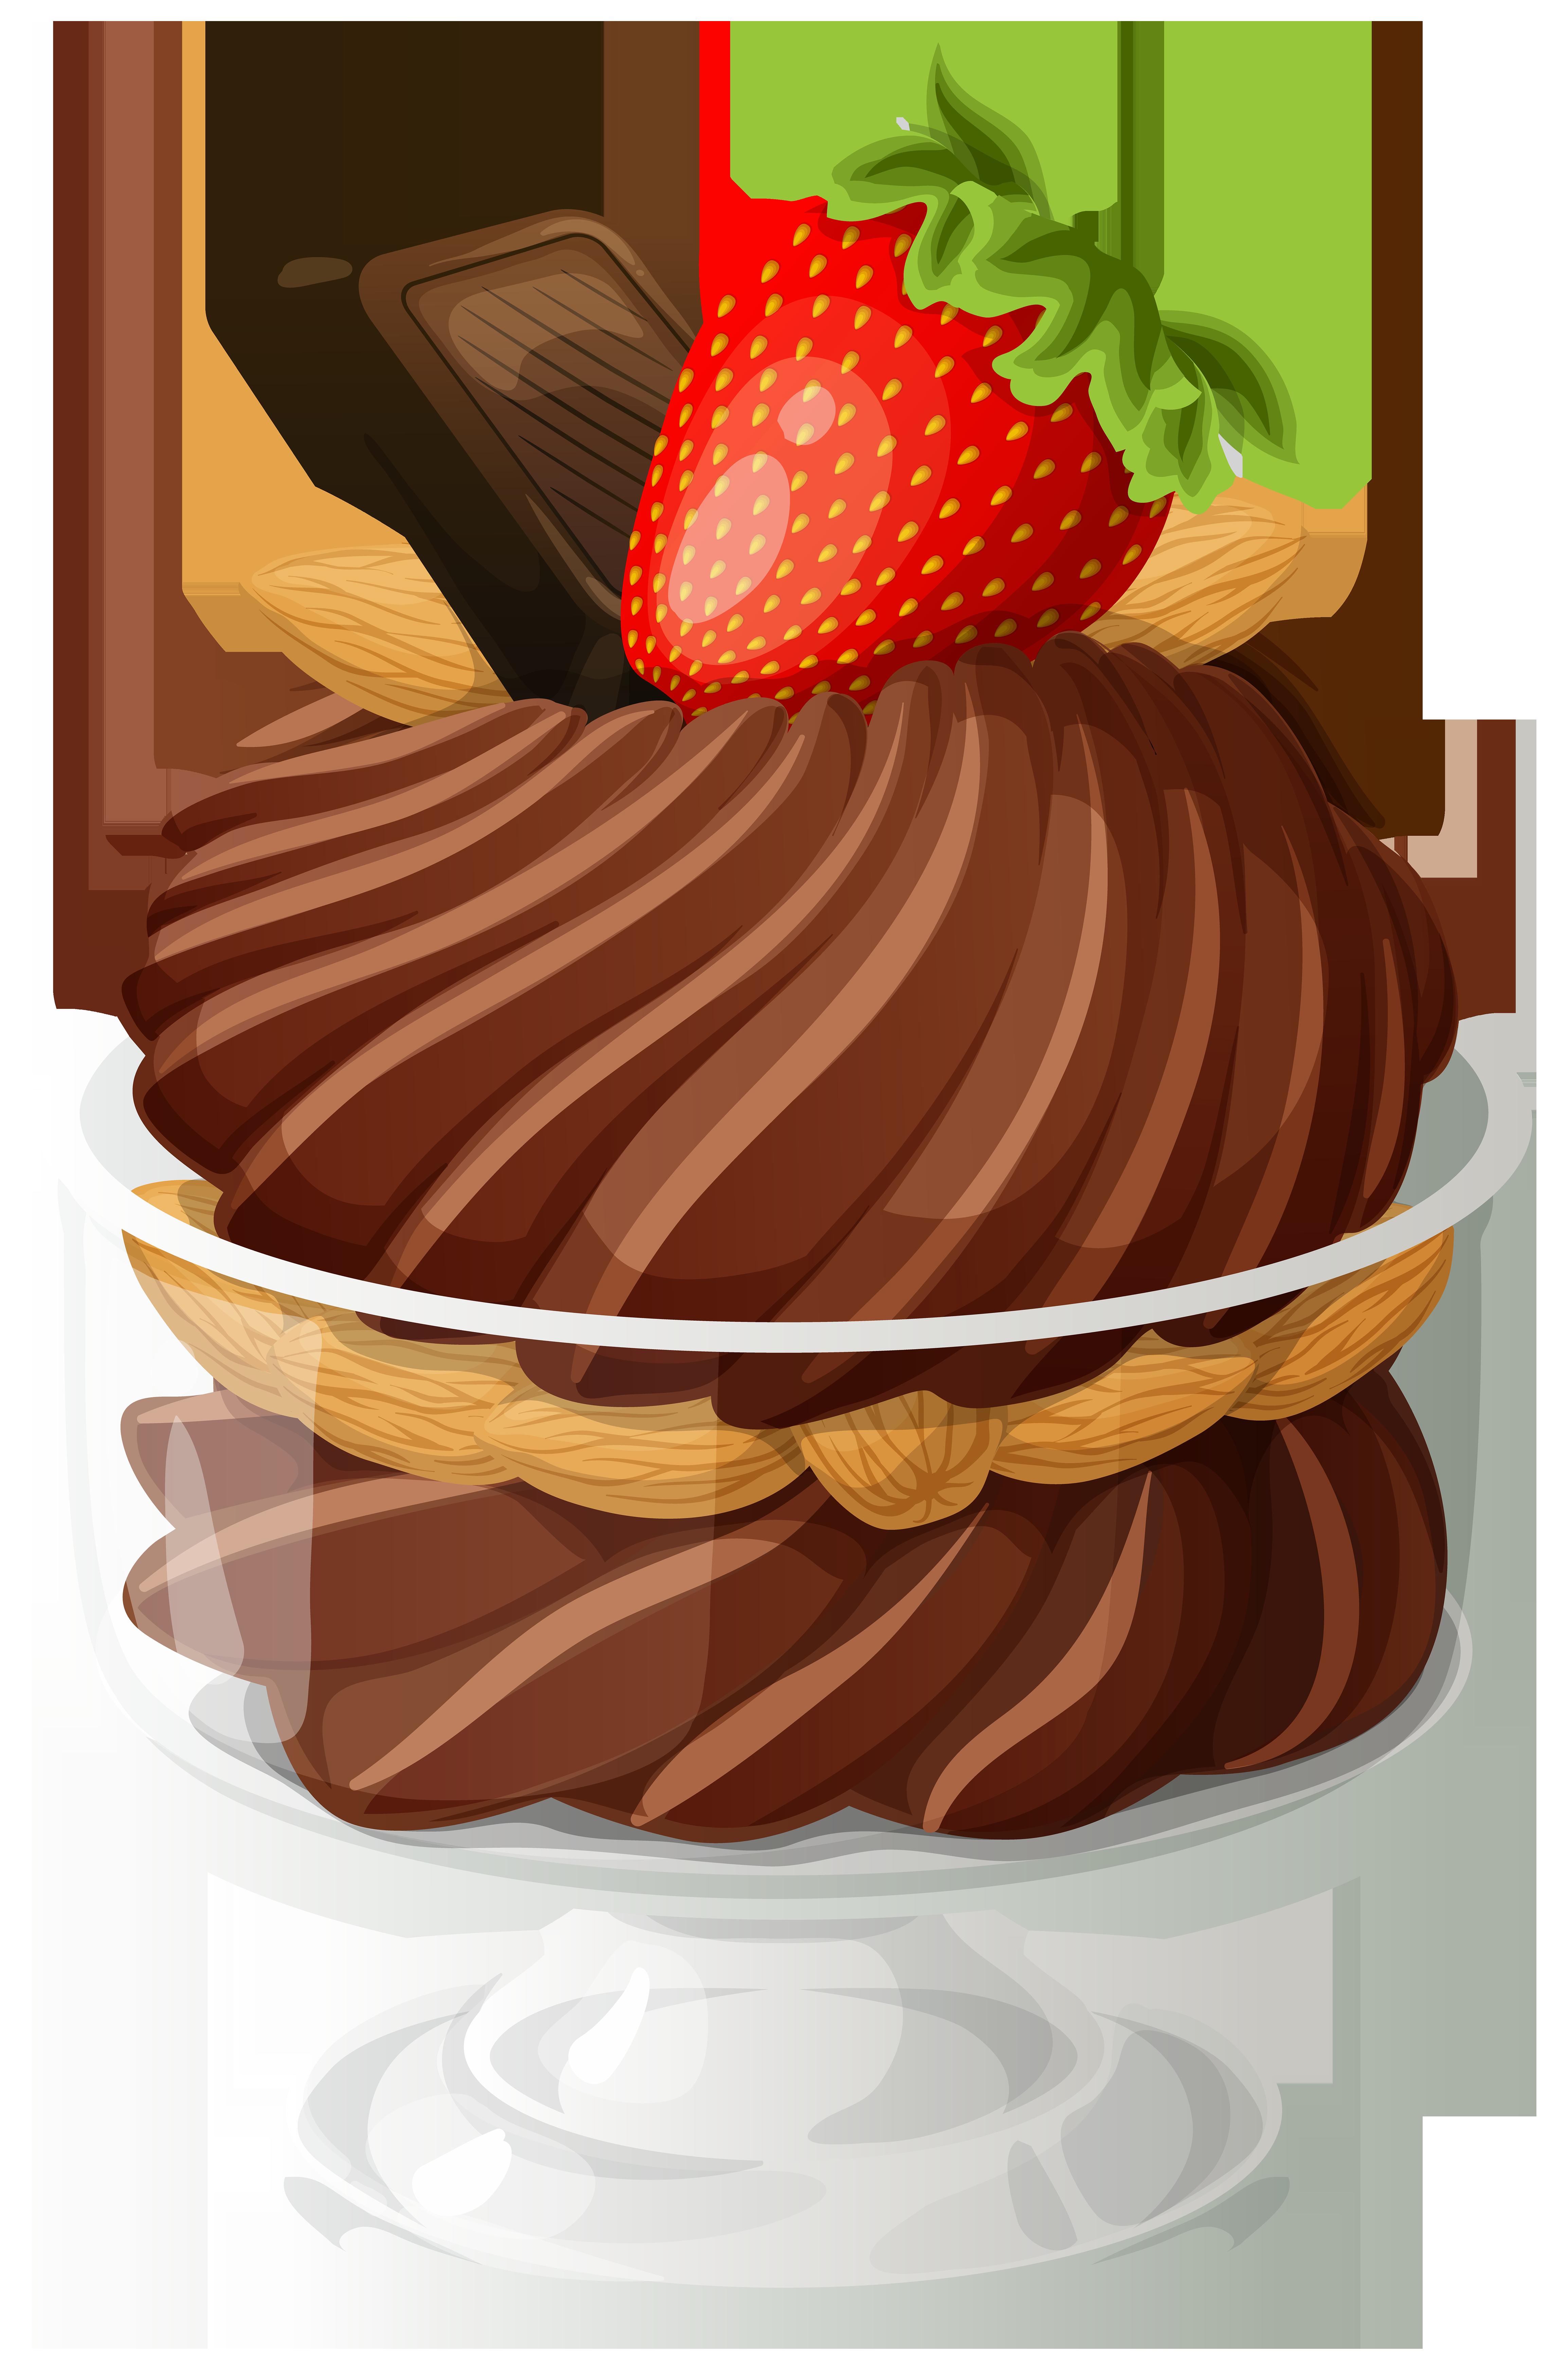 Strawberries clipart strawberry sundae. Chocolate ice cream png